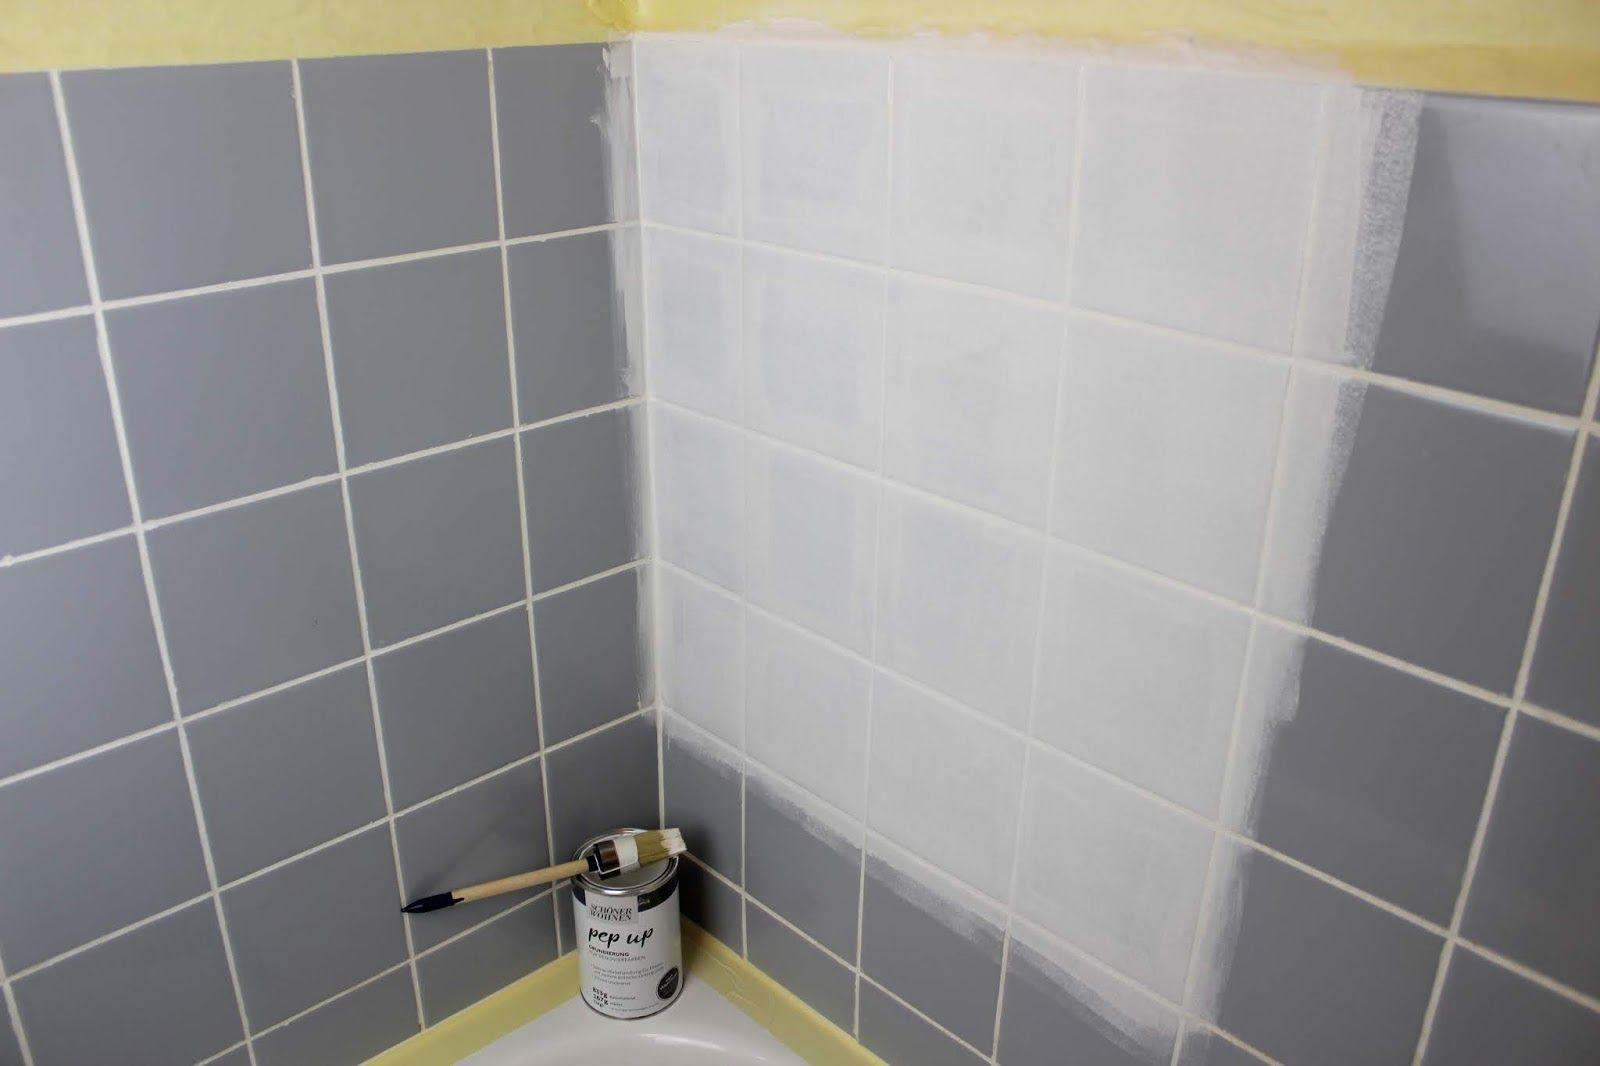 Diy Badezimmer Make Over Einfaches Recylcing Mit Der Schoner Wohnen Pep Up Renovierfarbe Fur Fliesen Badezimmer Streichen Renovieren Badezimmer Accessoires